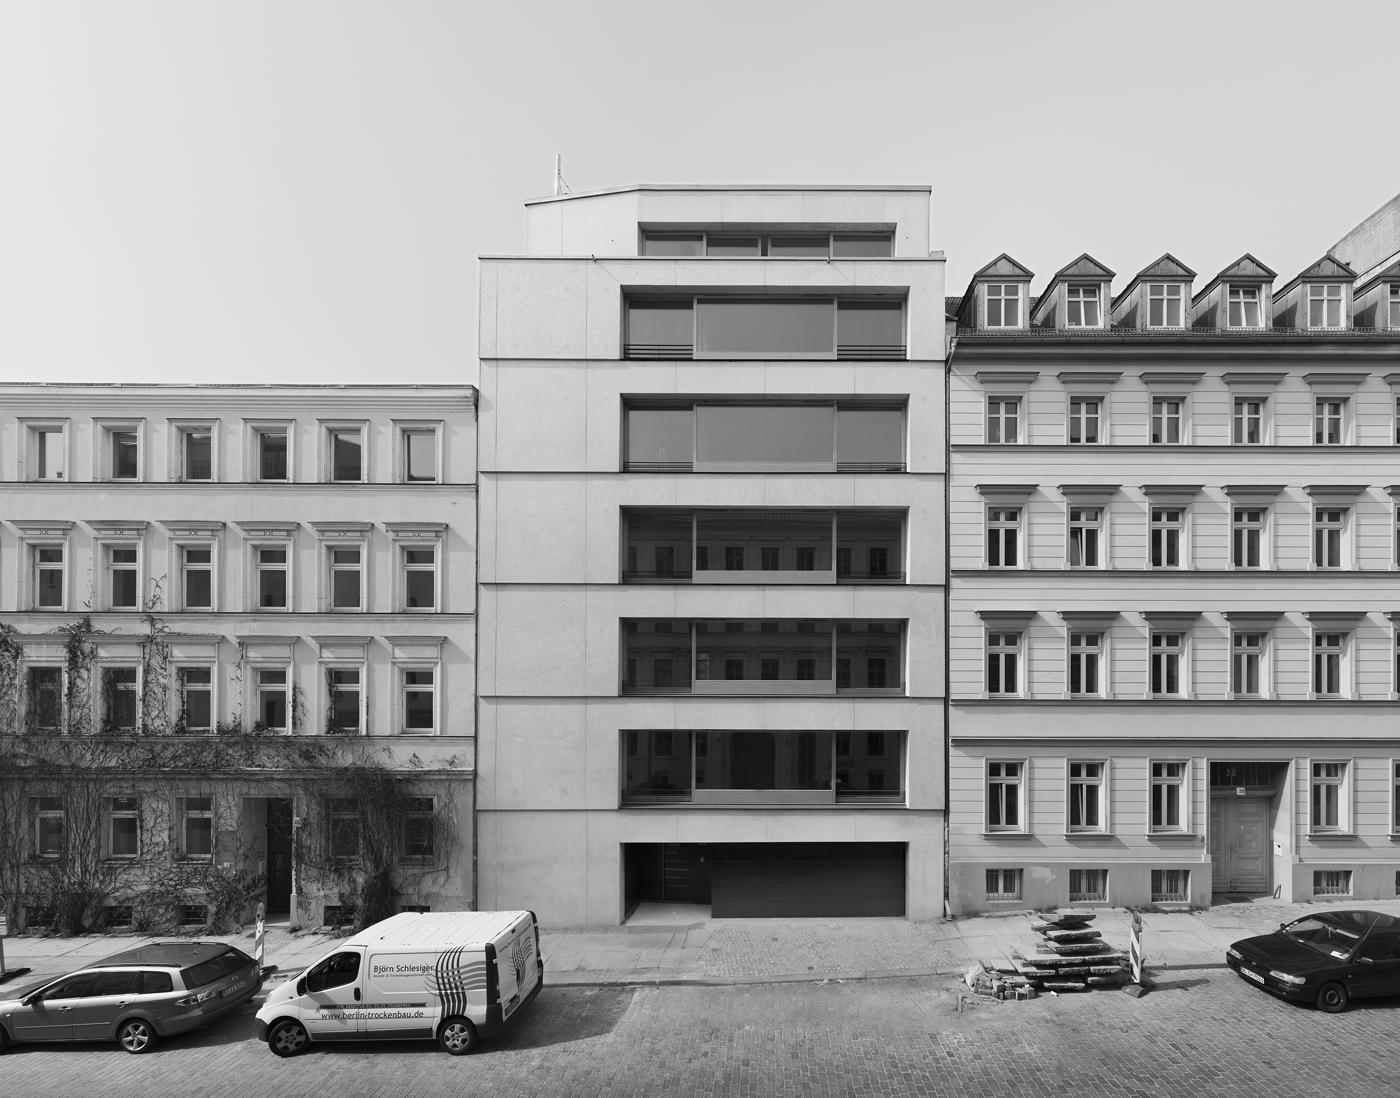 zanderroth architekten – Wohnhaus Christinenstraße 39 in Berlin, Foto: © Simon Menges